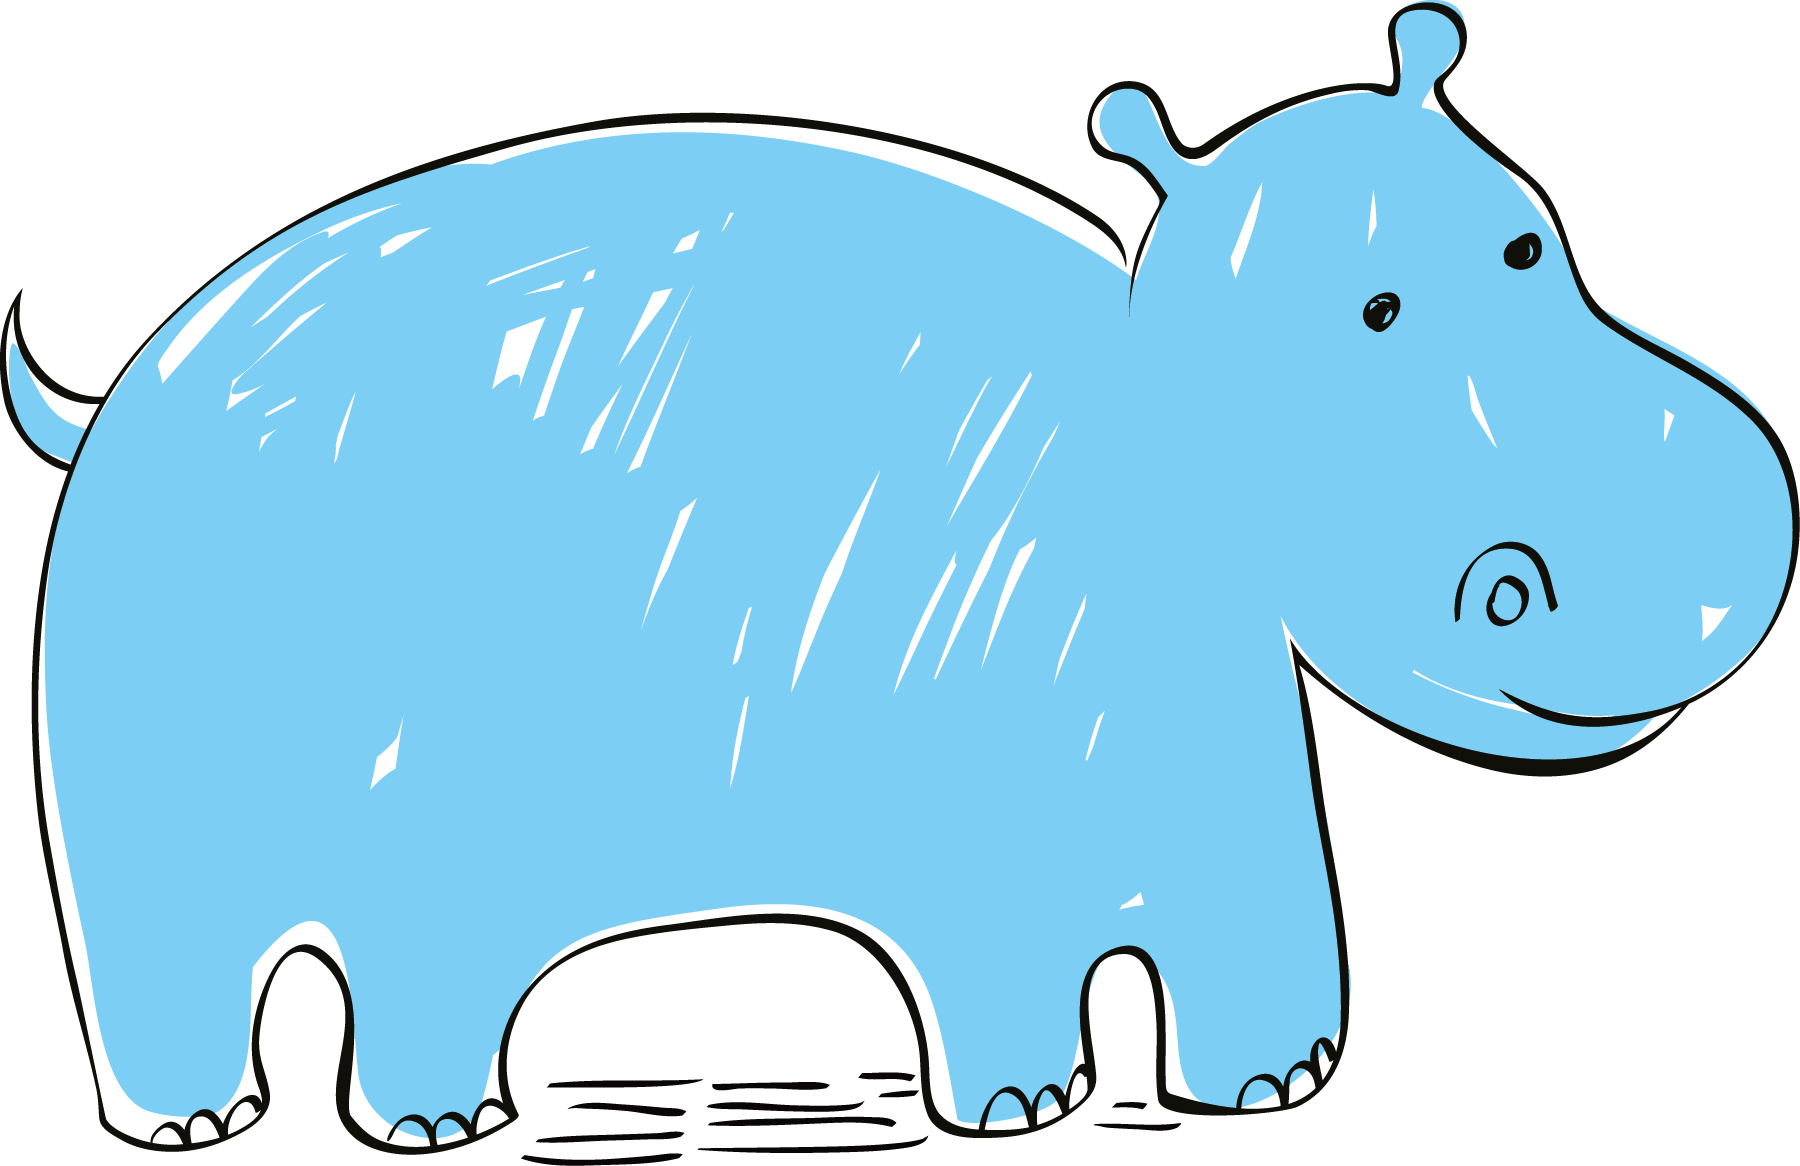 banner royalty free stock Hippo vector. Hippopotamus euclidean clip art